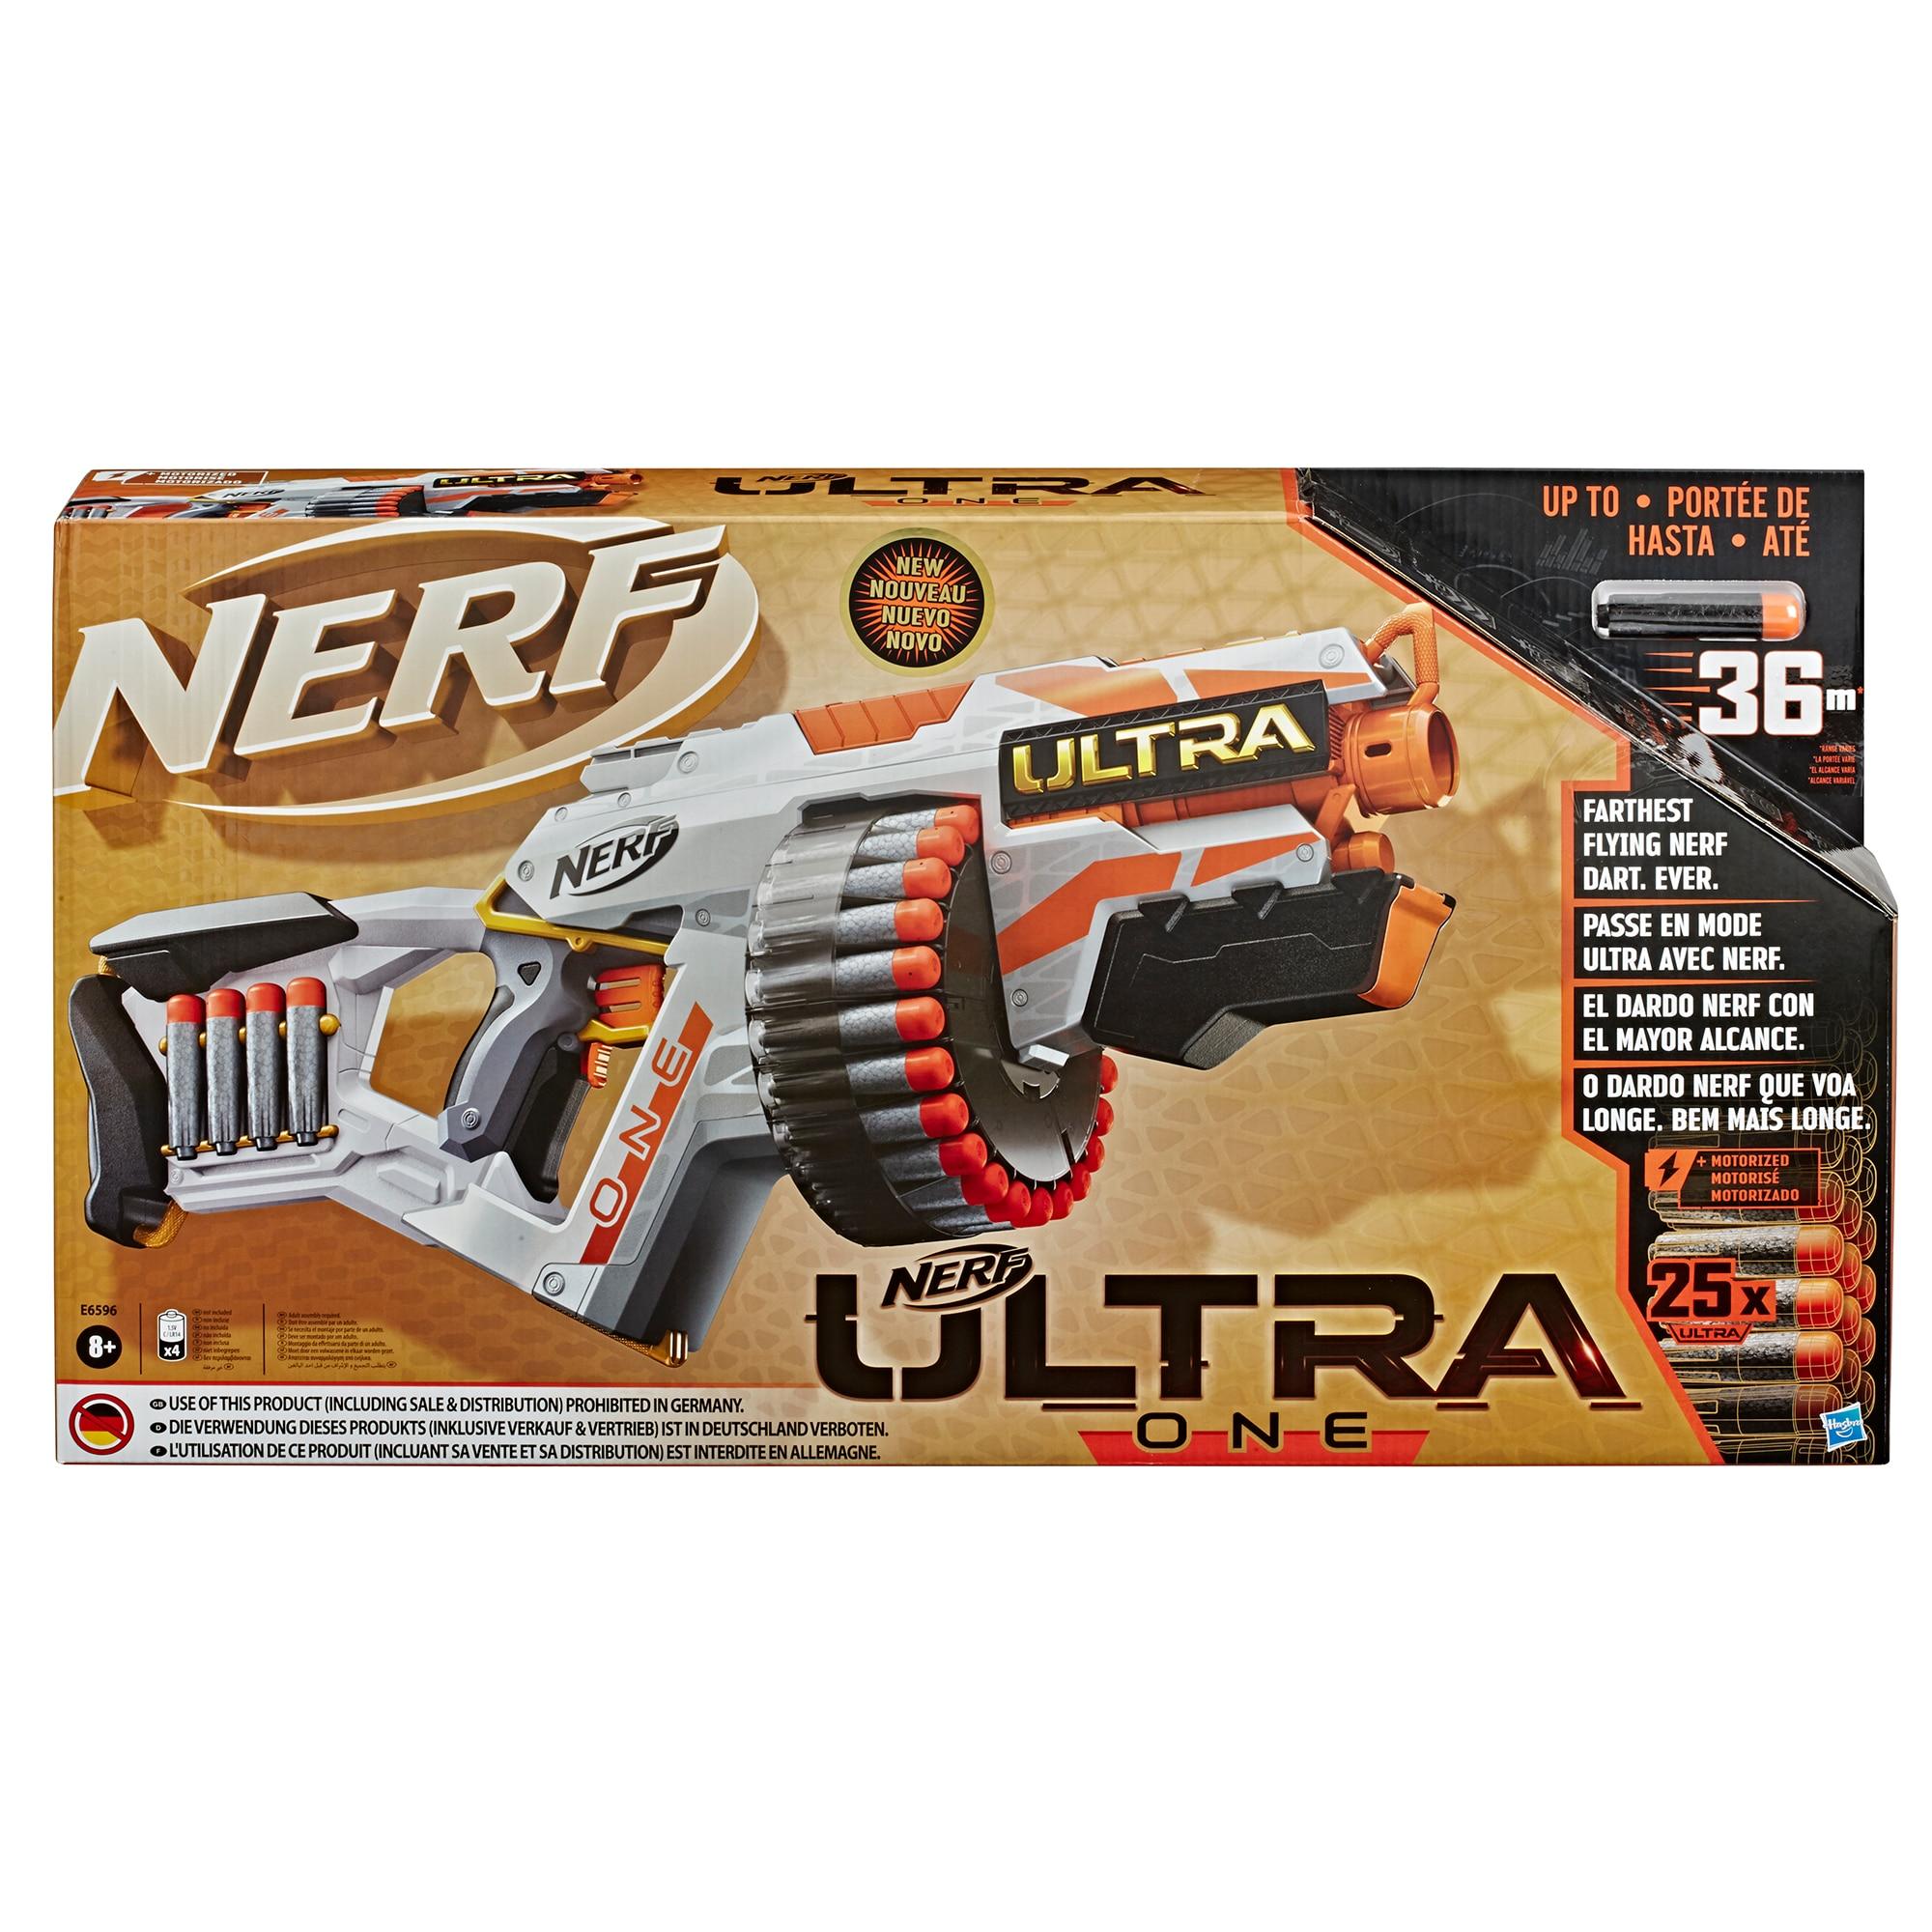 Fotografie Blaster Nerf - Ultra ONE